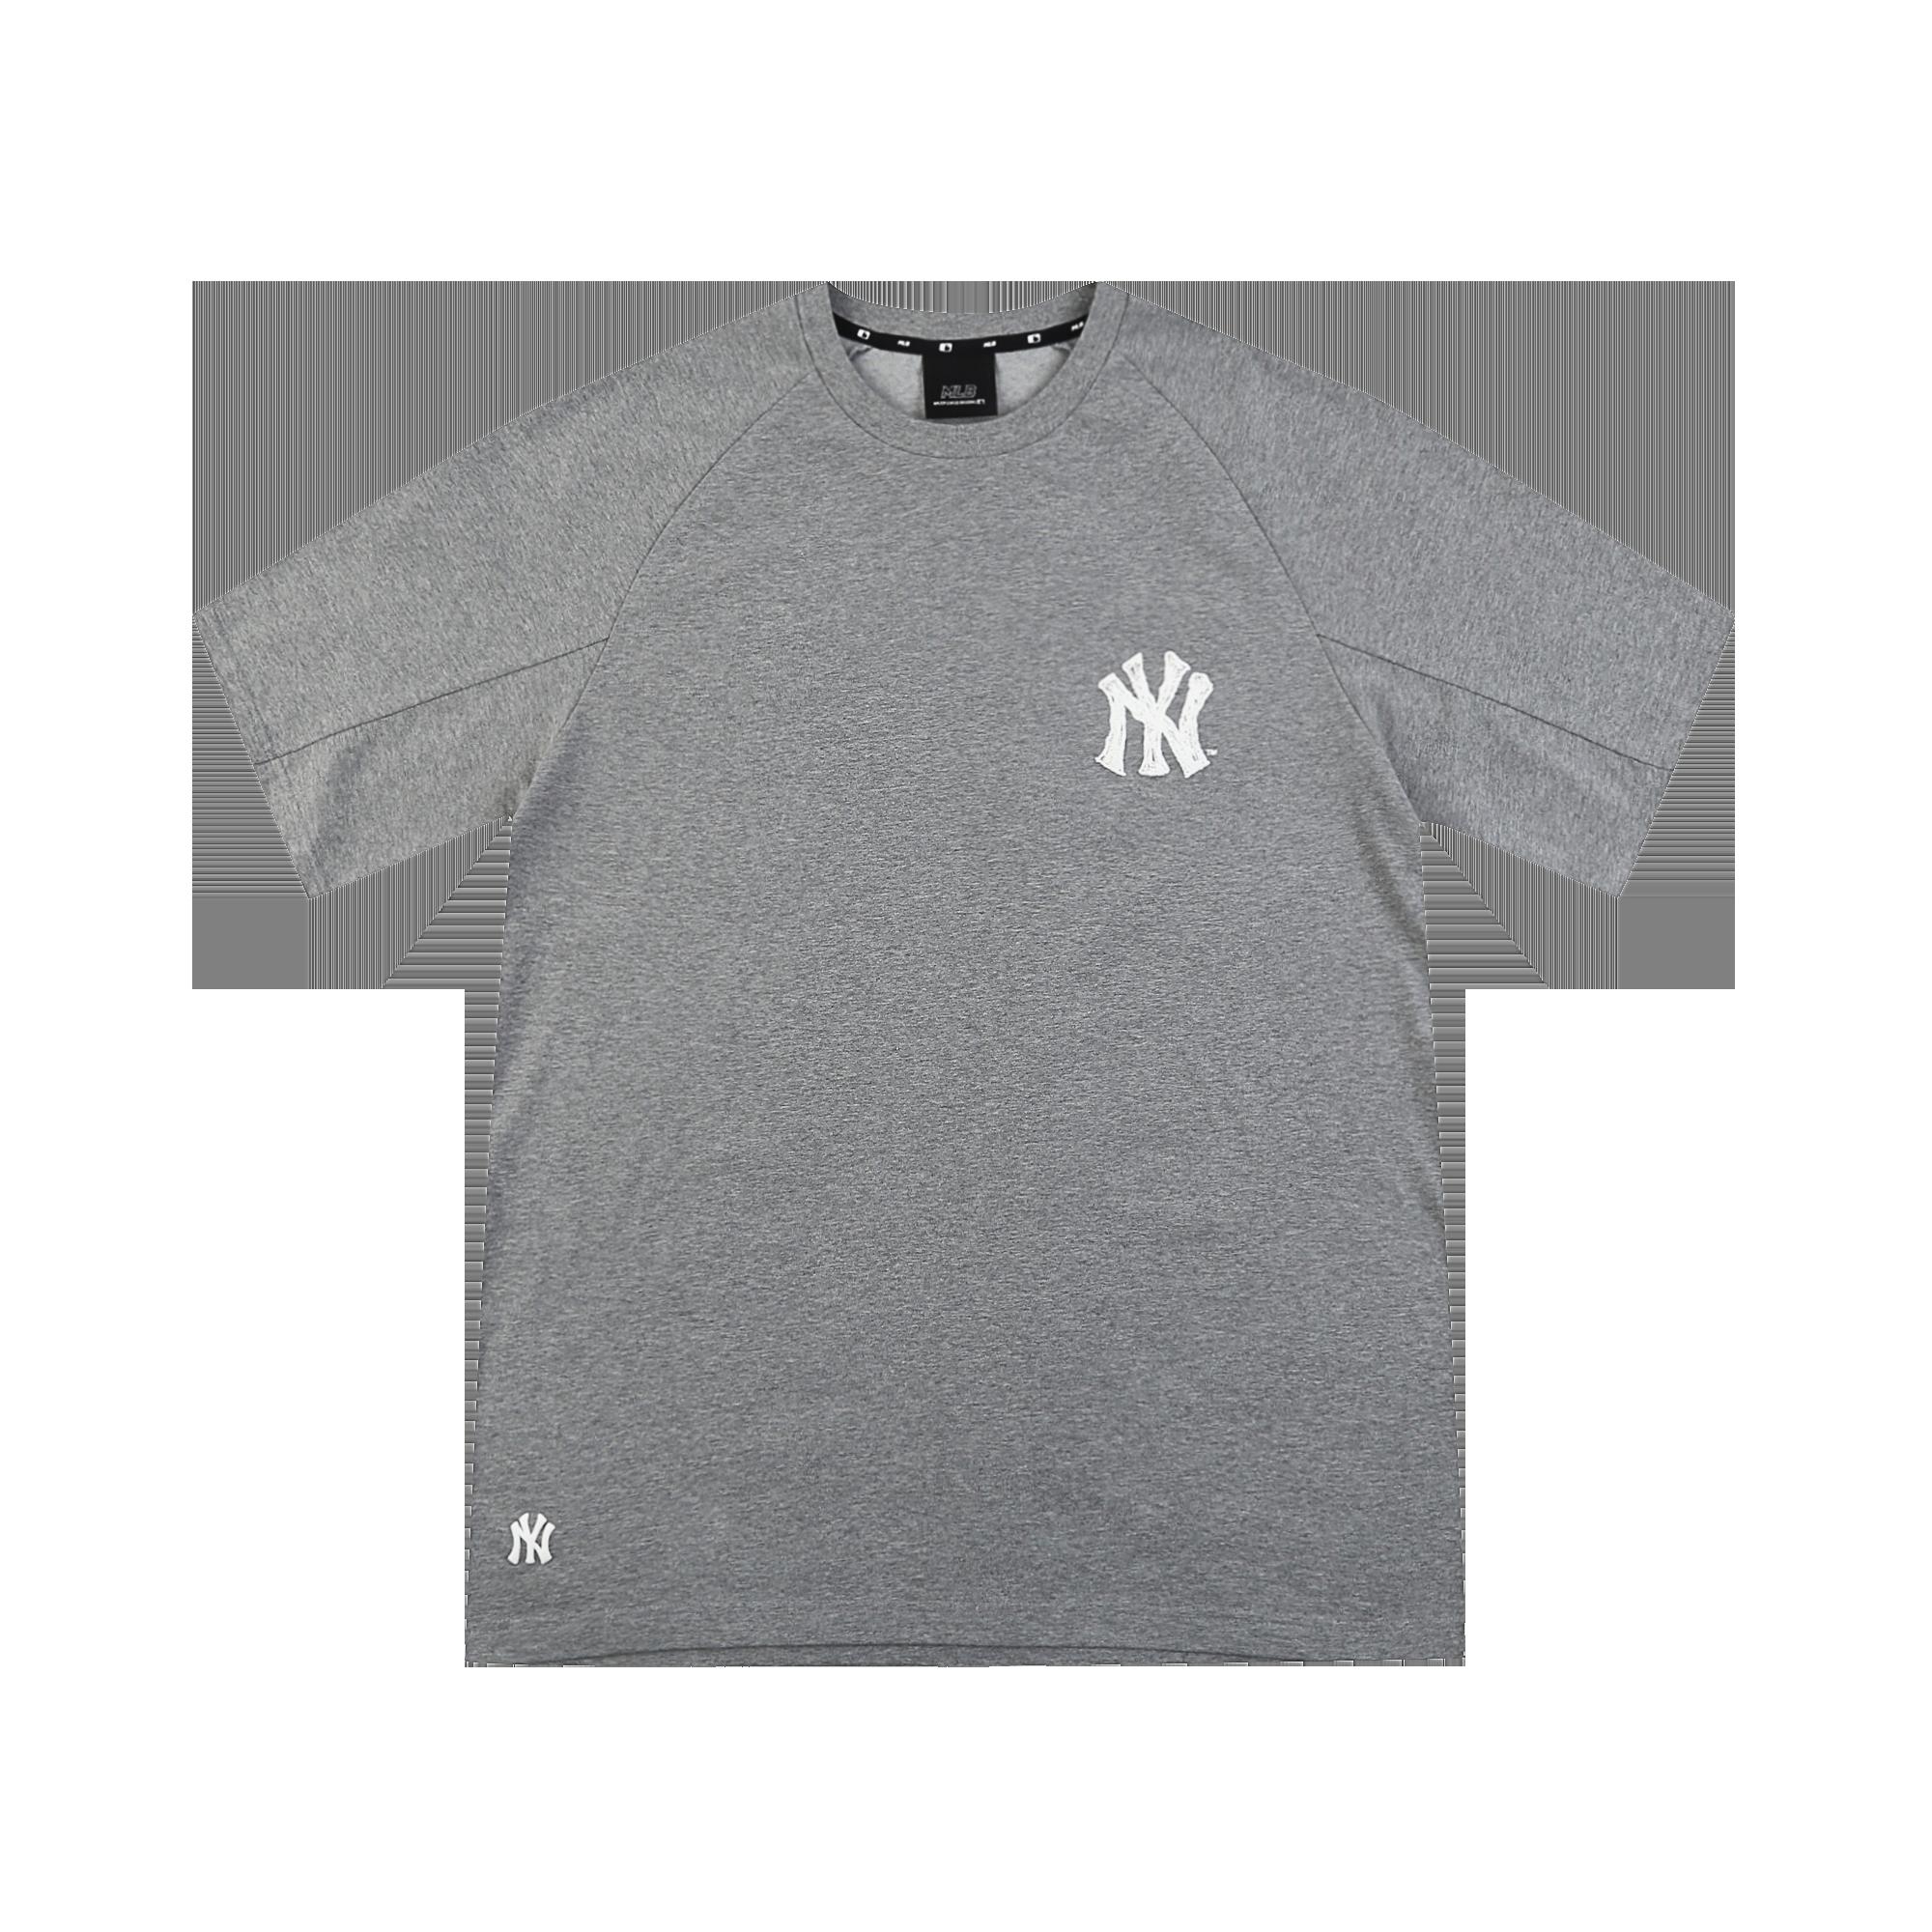 뉴욕양키스 오버랩 반팔 티셔츠